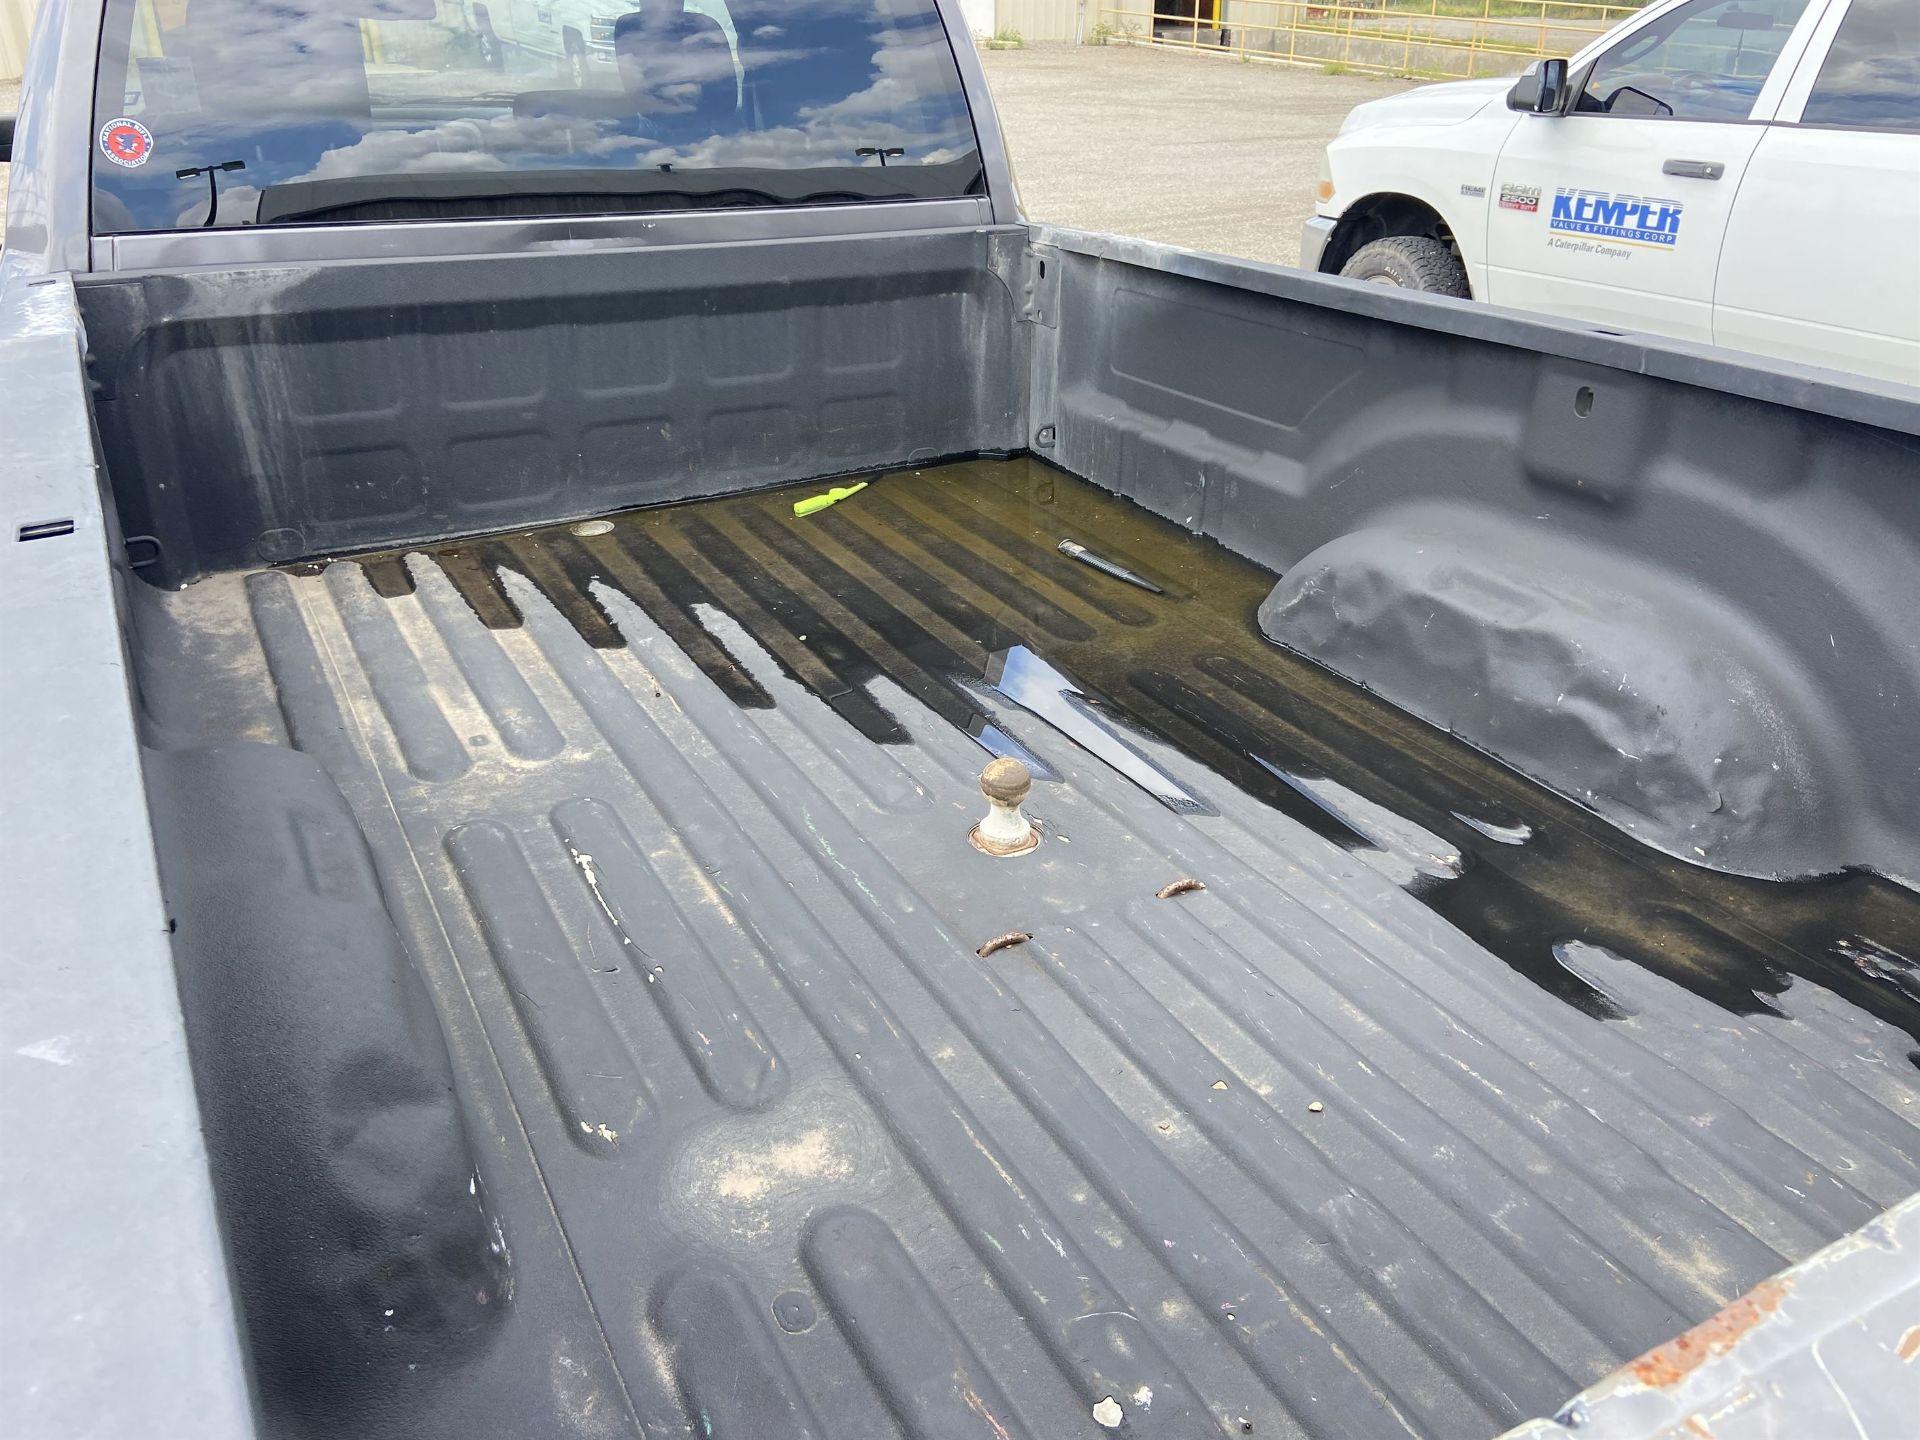 2013 Dodge Ram 2500 HD Crew Cab Long Bed, 251K Miles, Cloth, 4X4, Diesel, VIN # 3C6UR5HL1EG135730 - Image 5 of 17